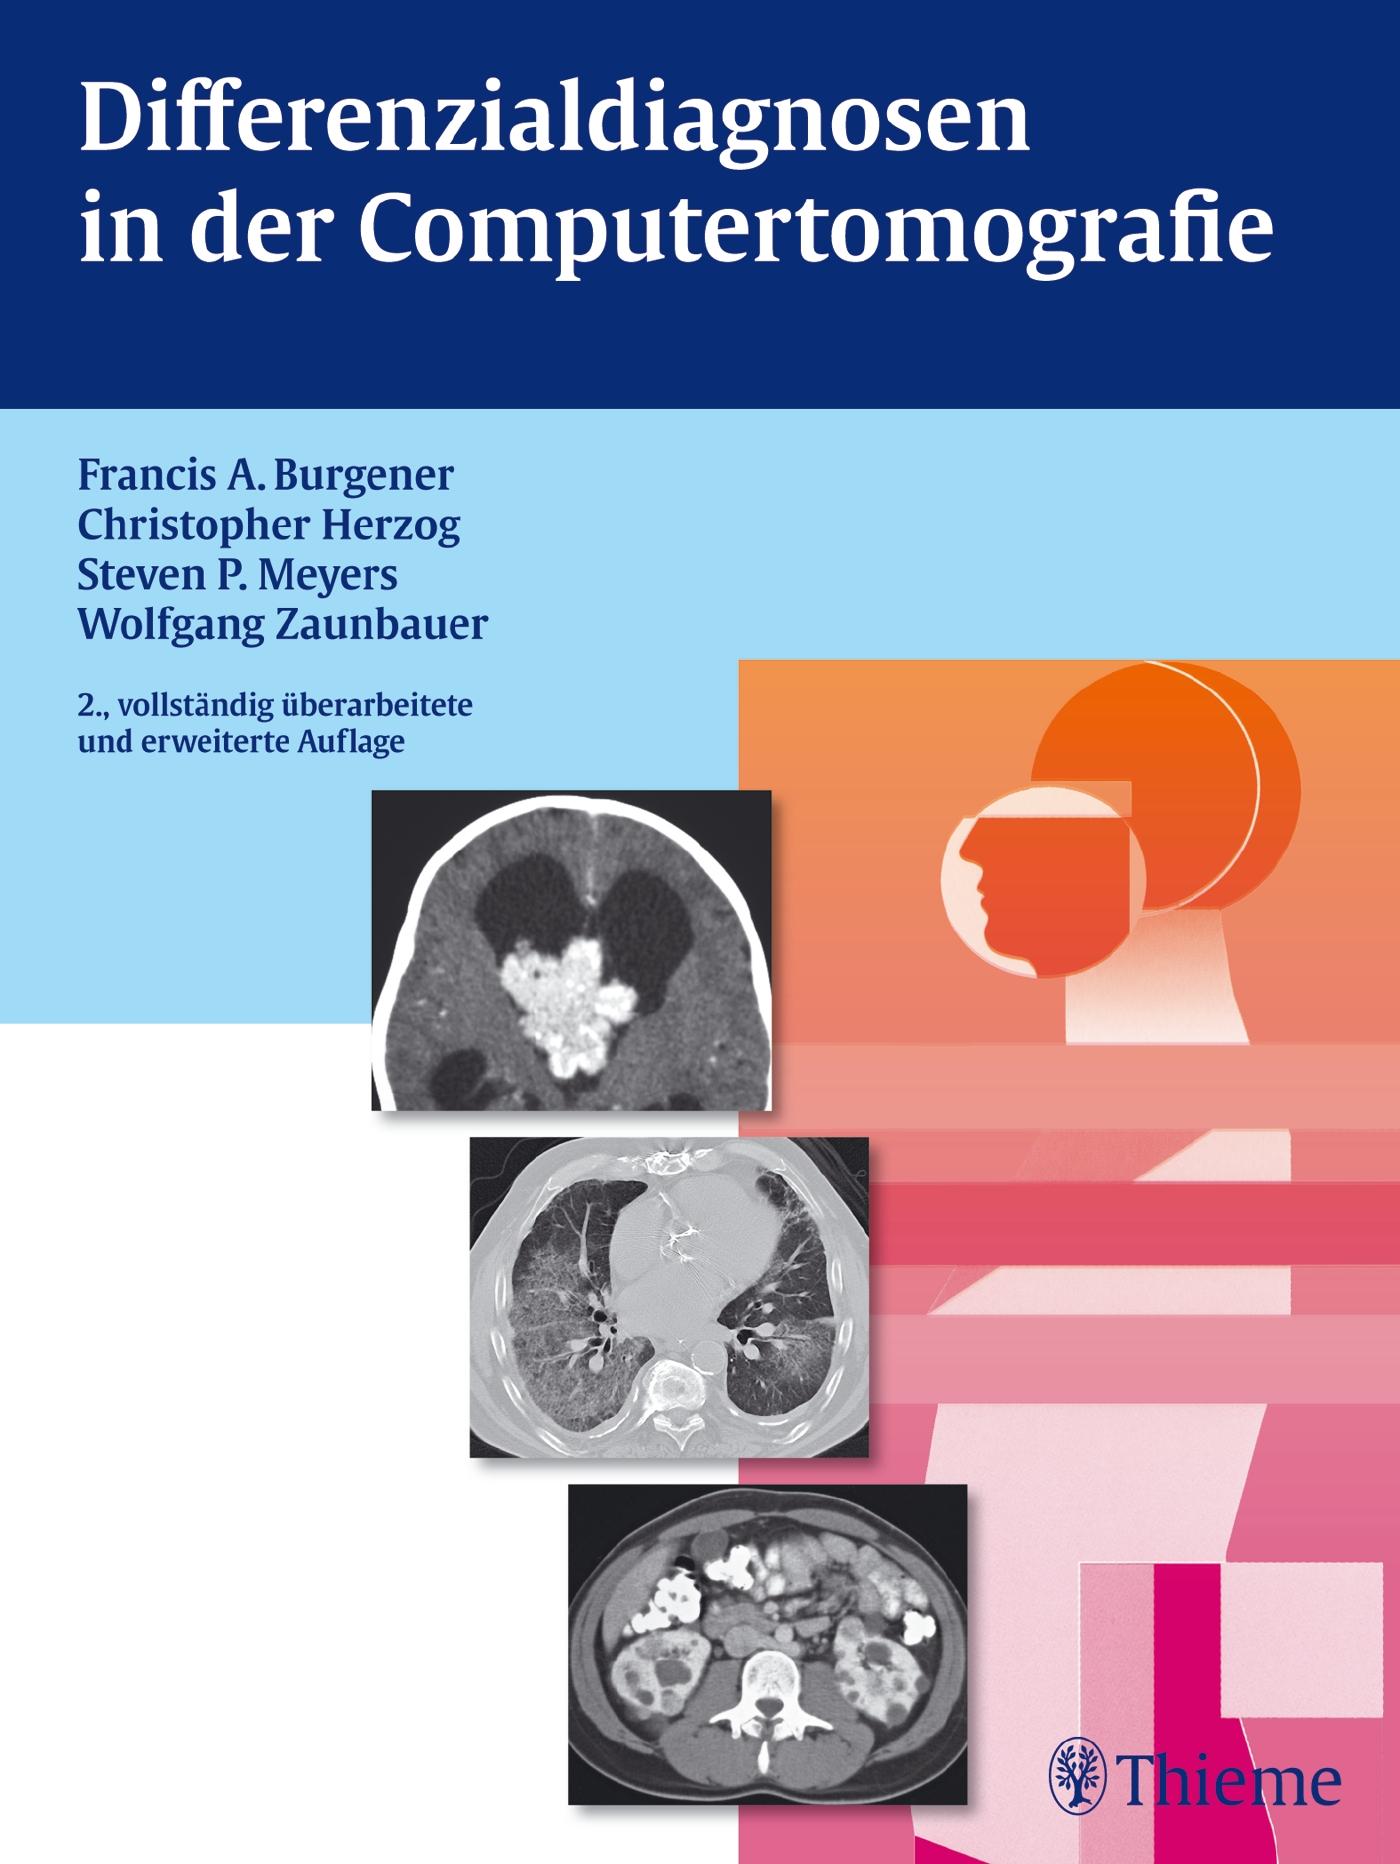 Differenzialdiagnosen in der Computertomografie: Vom Befund zur Diagnose - Francis A. Burgener [Gebundene Ausgabe, 2. Au